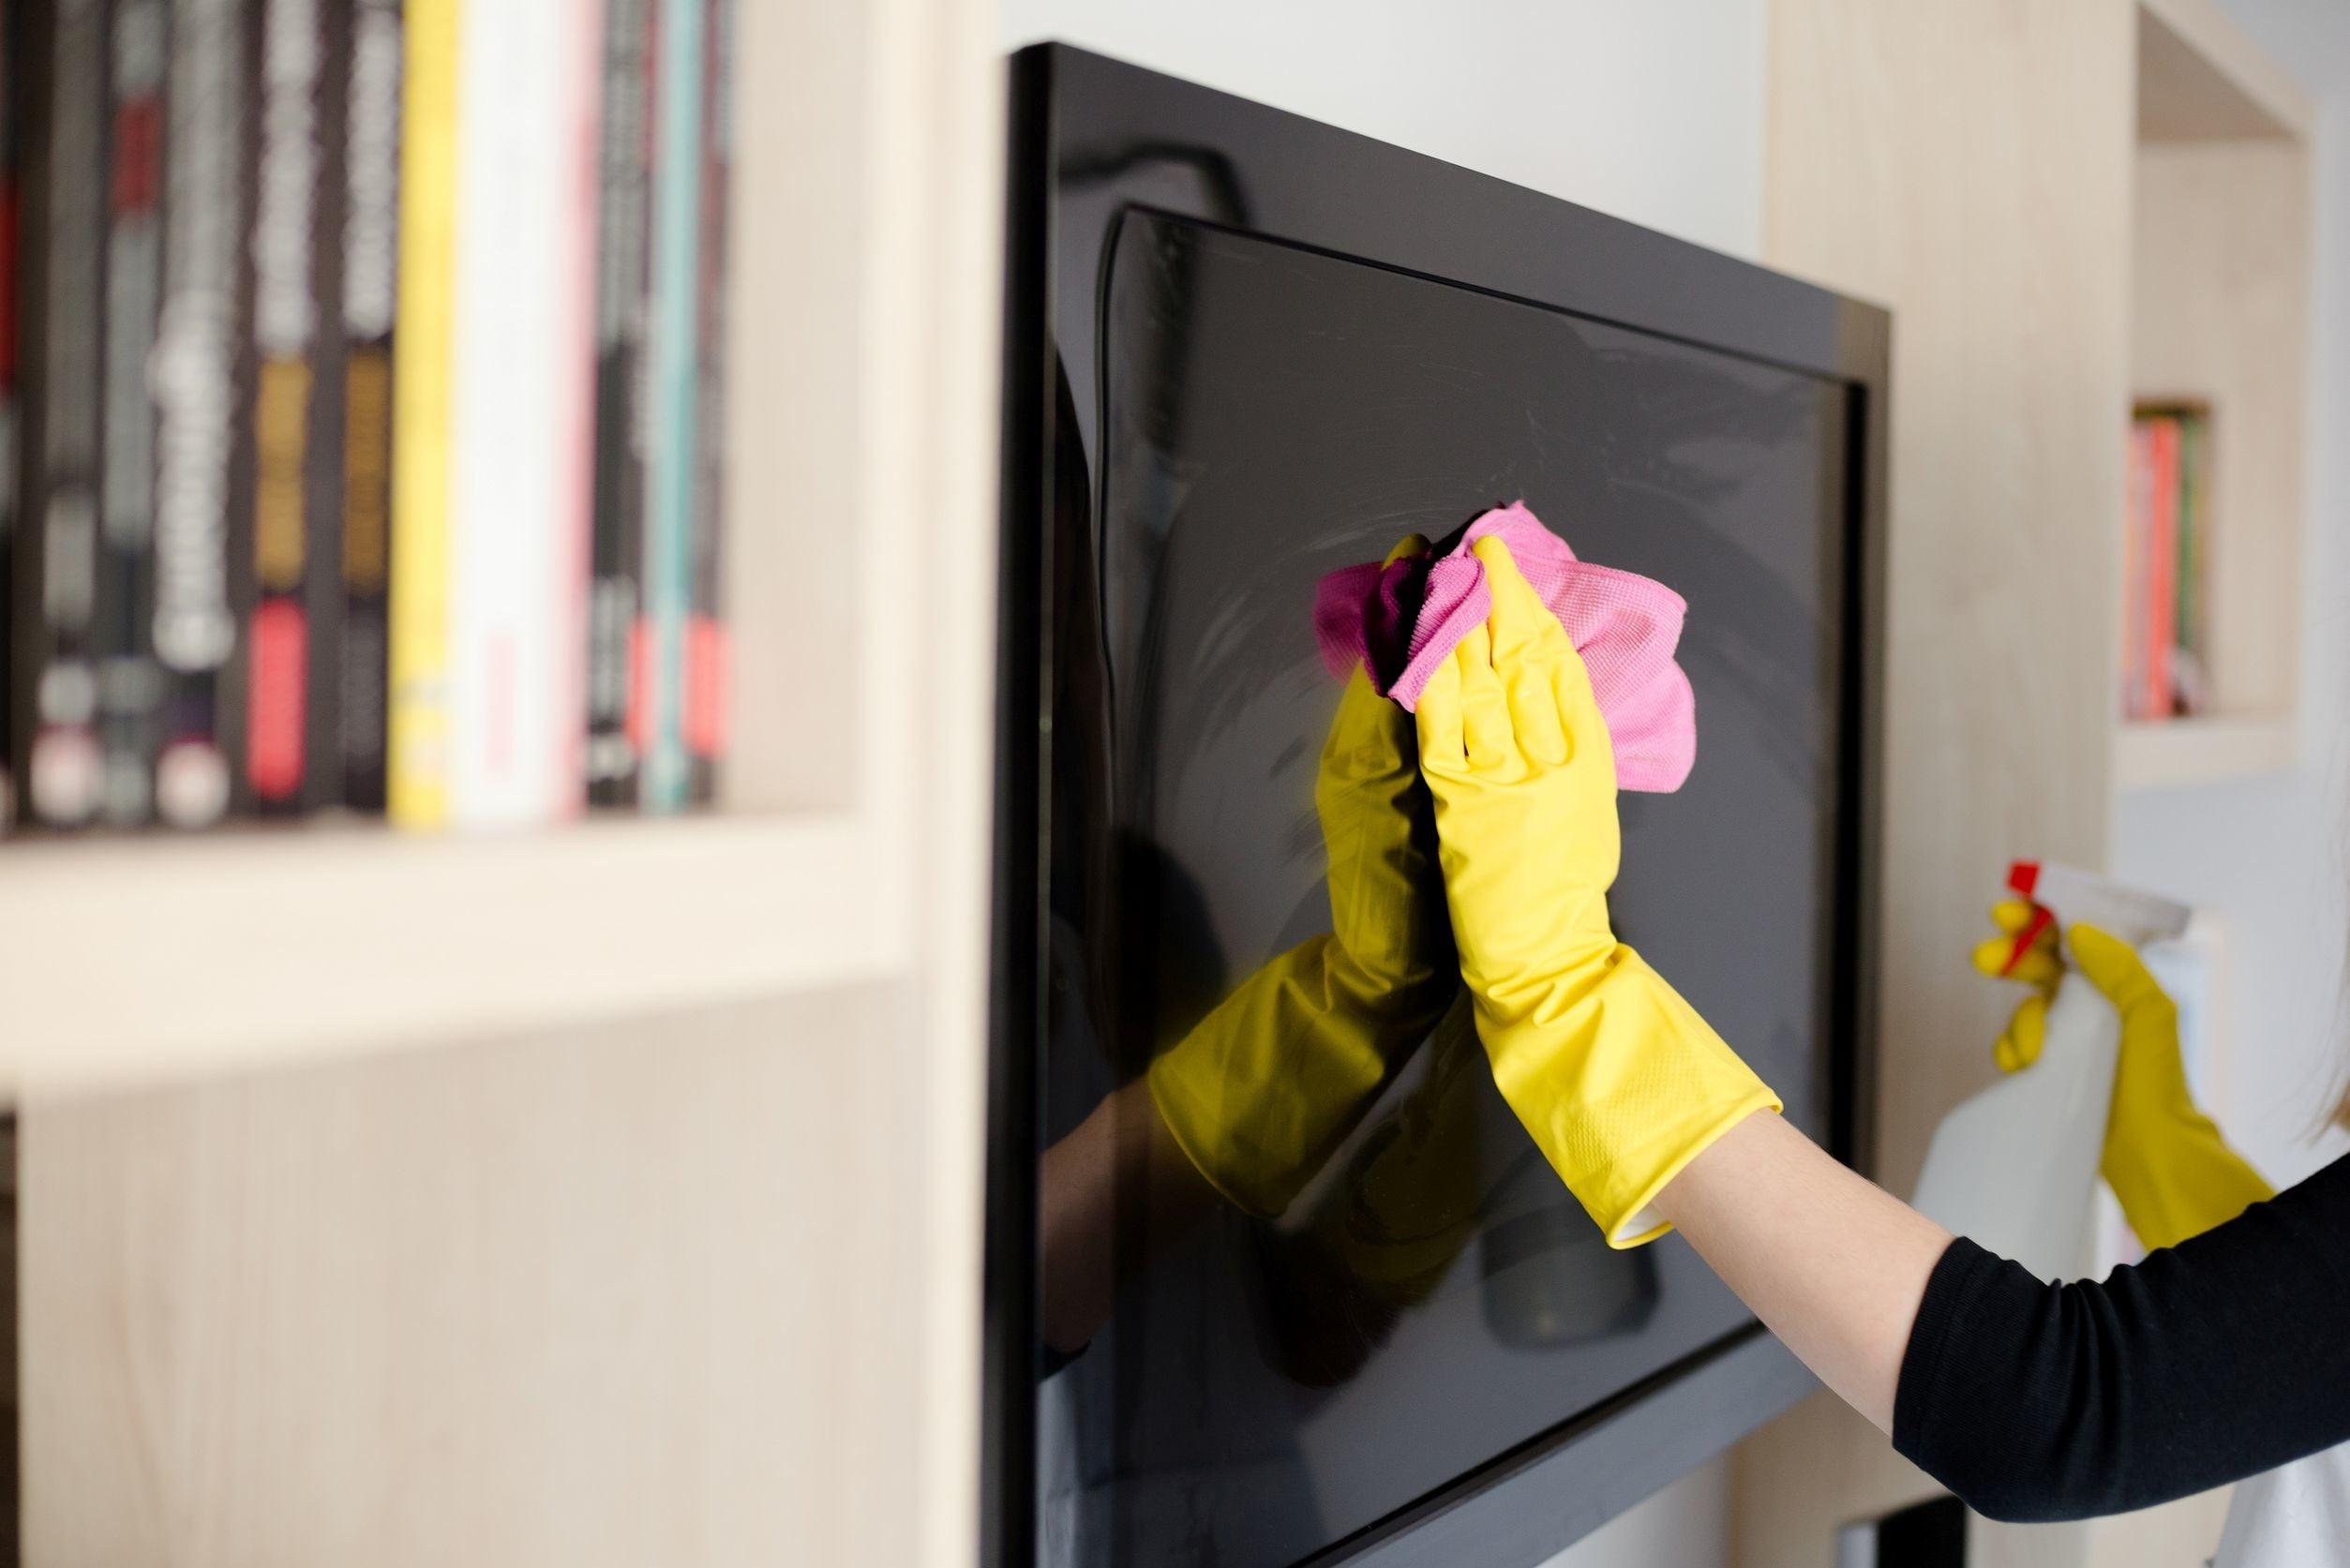 اشتباهات رایج شما در هنگام تمیز کردن تلویزیون؛ این کارها را با تلویزیونتان نکنید!